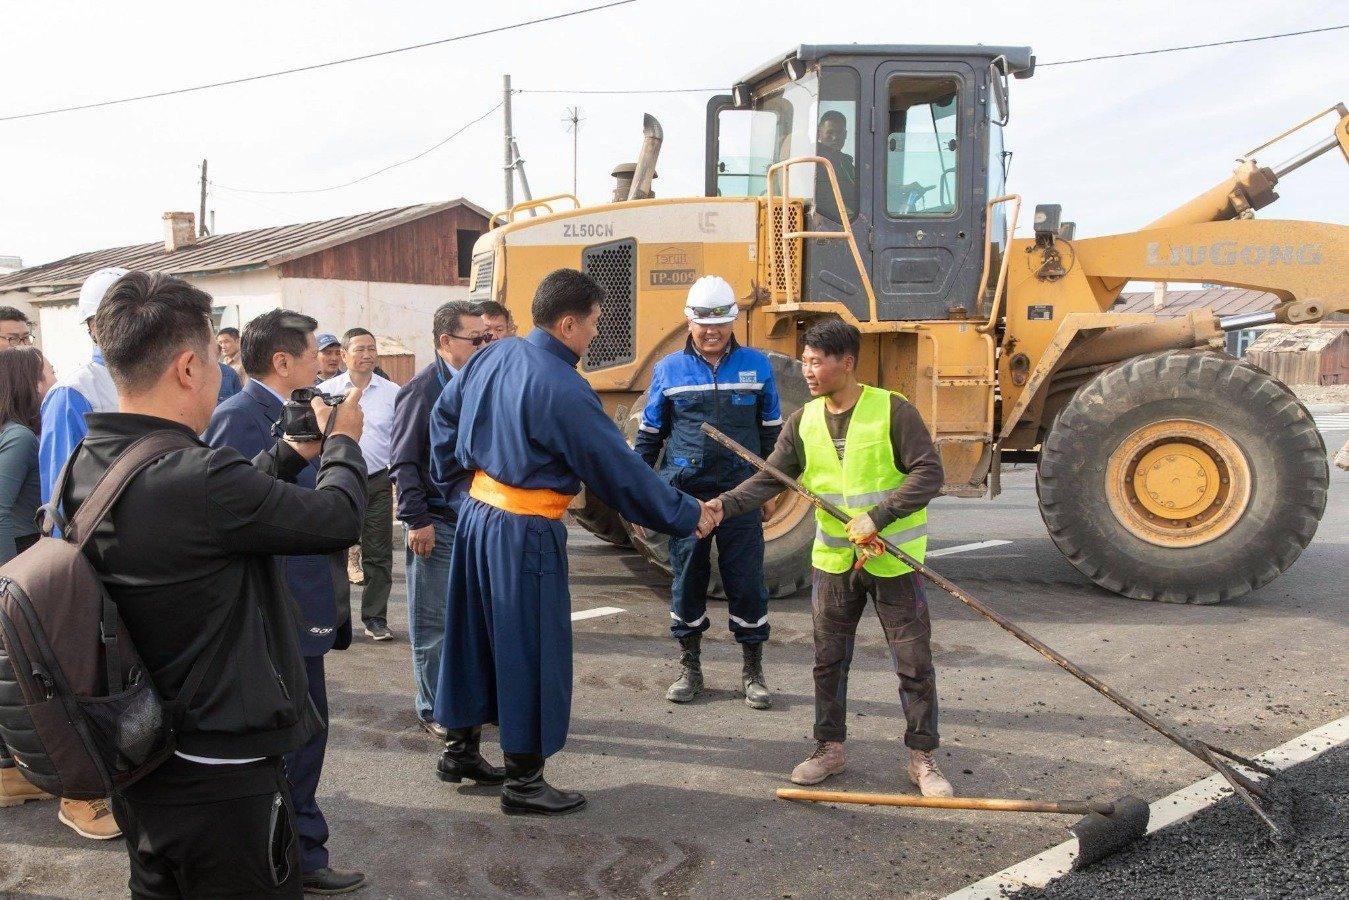 Чингис хаан хот-Бэрх тосгон чиглэлийн замыг ирэх сард ашиглалтад хүлээж авна